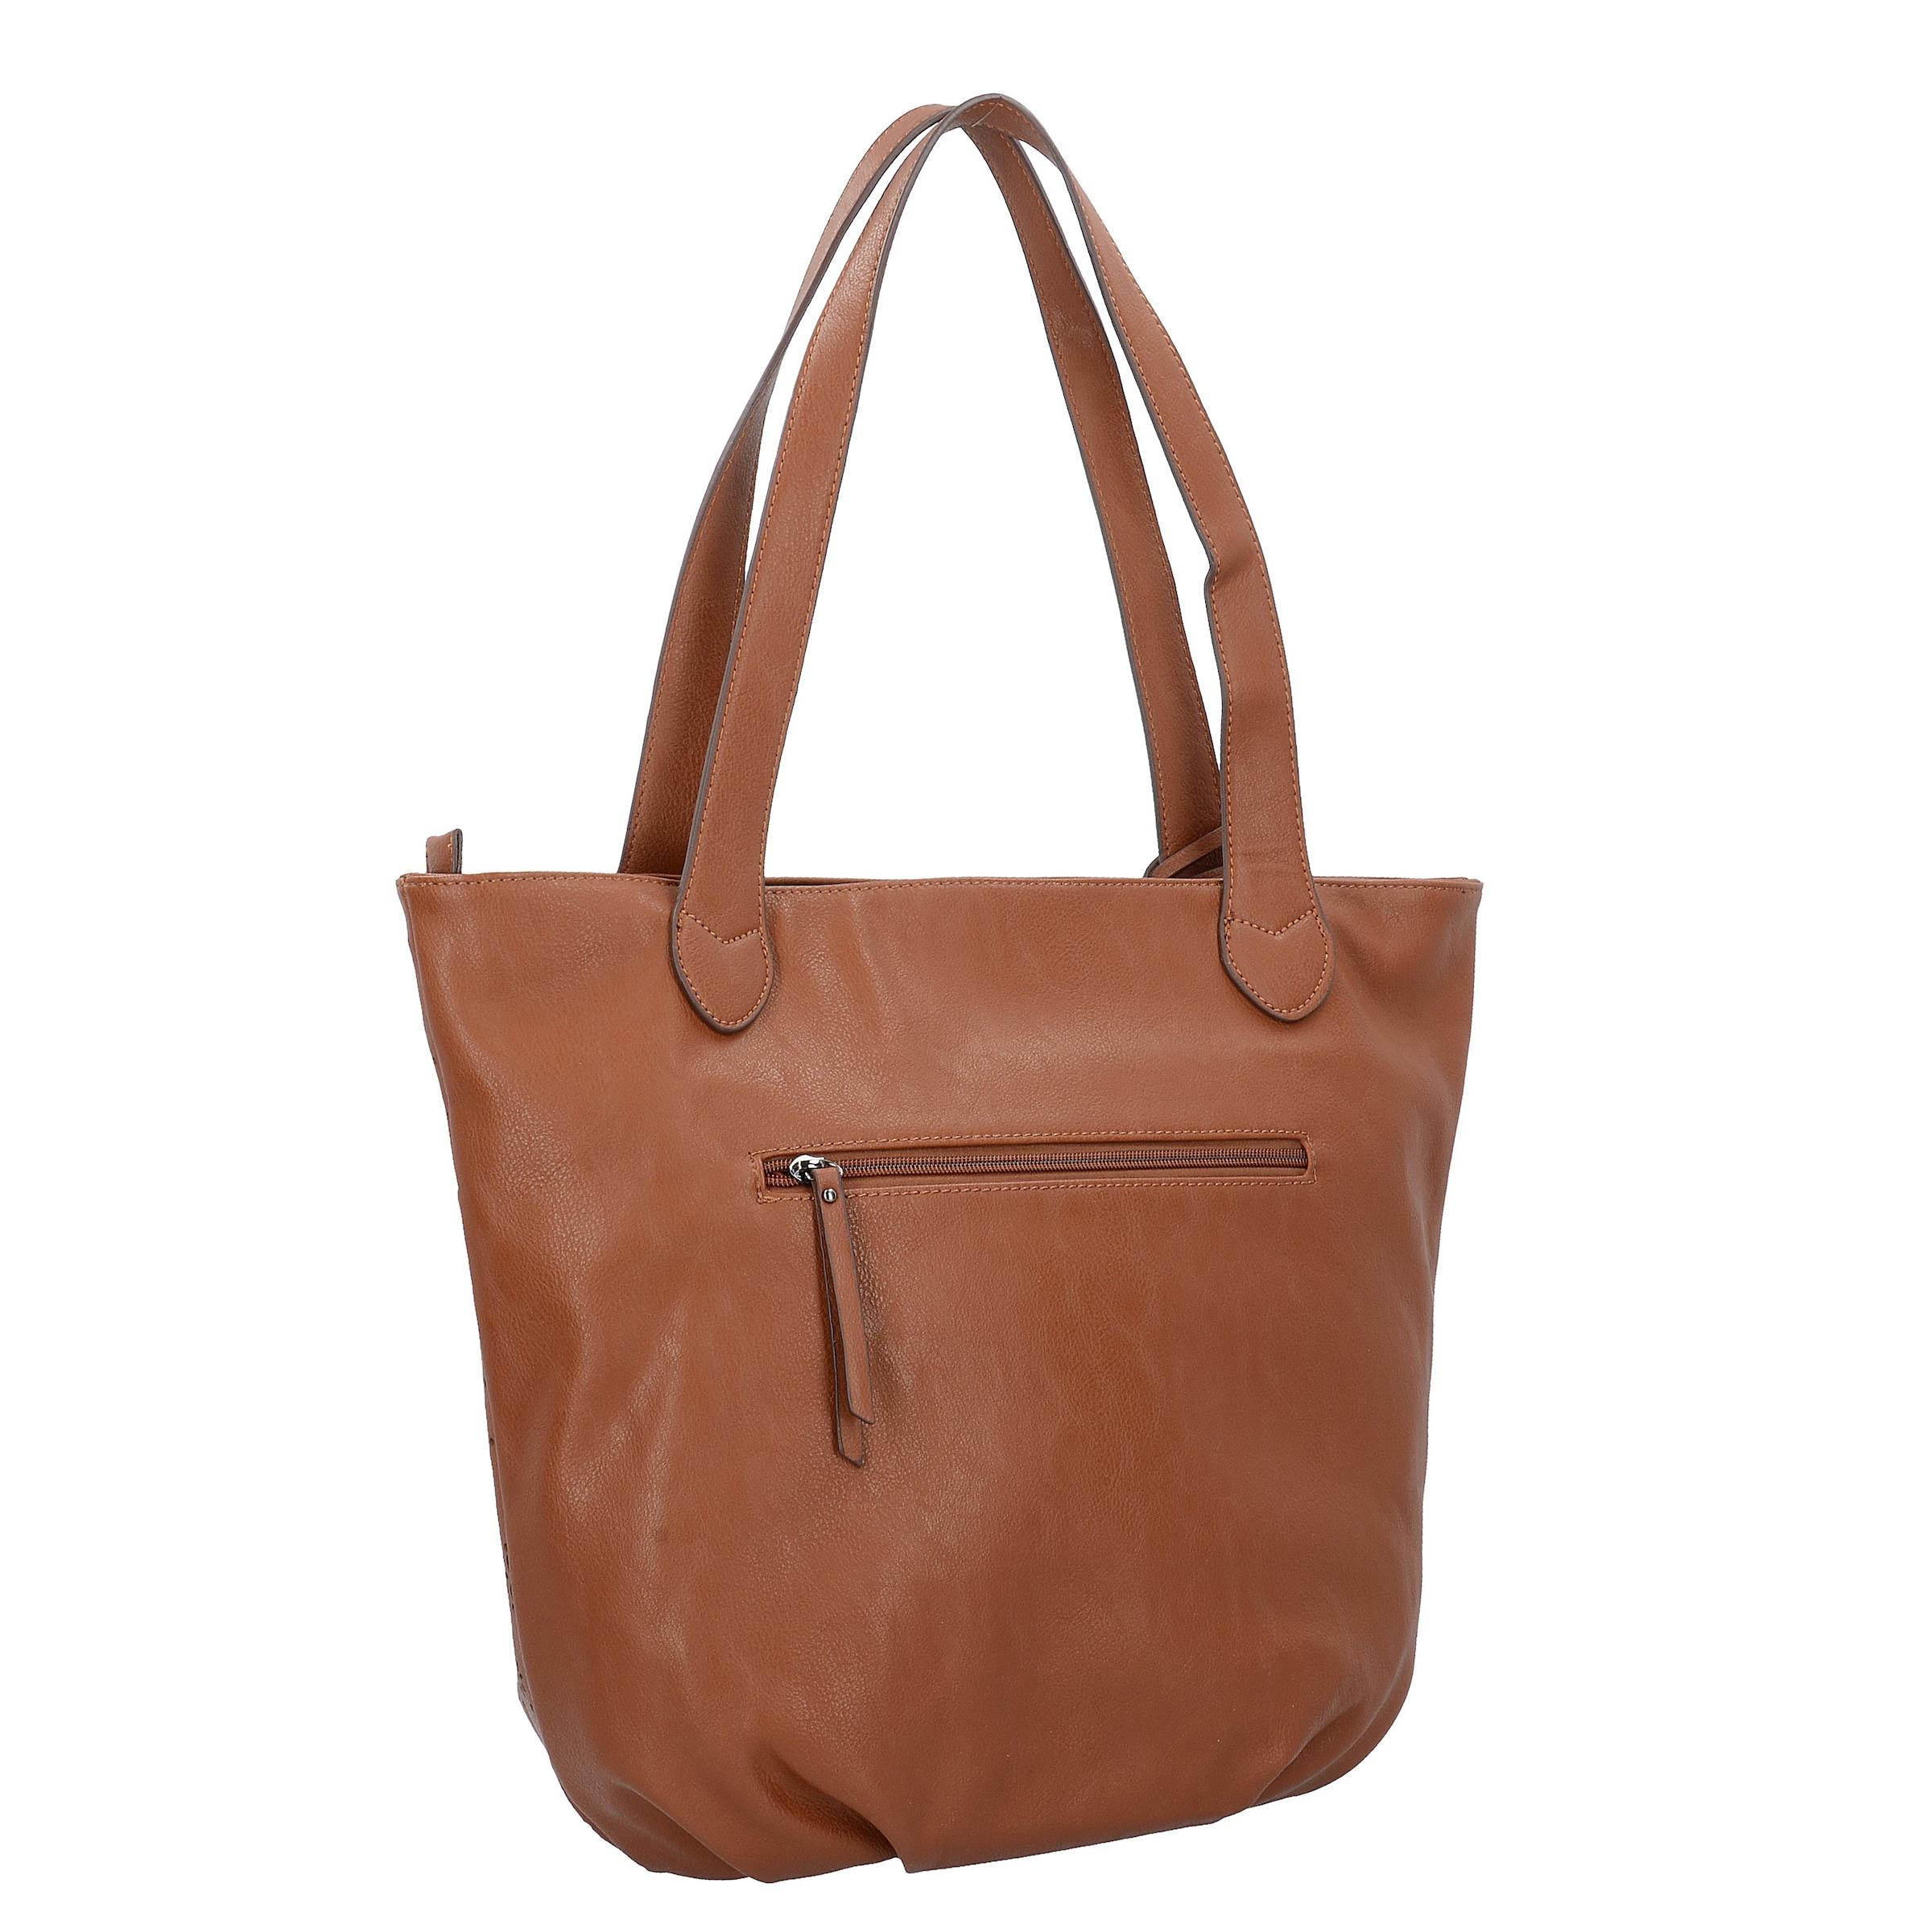 Bilder Günstiger Preis Original-Verkauf Online TOM TAILOR Hana Shopper Tasche 29 cm Shop-Angebot Zum Verkauf uAgsAb1f7